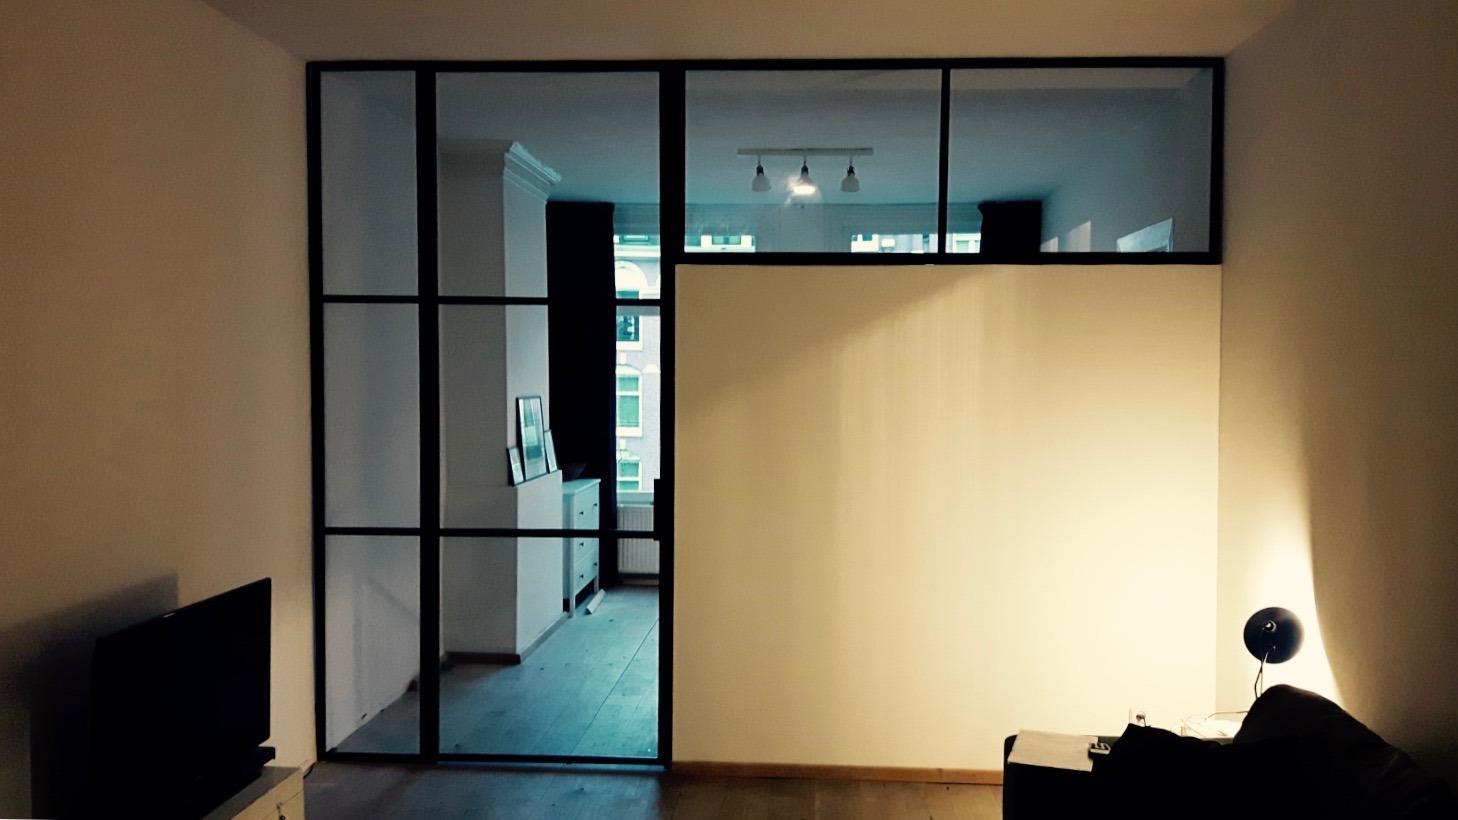 Room divider met stalen scharnierdeur en kozijnen te Amsterdam